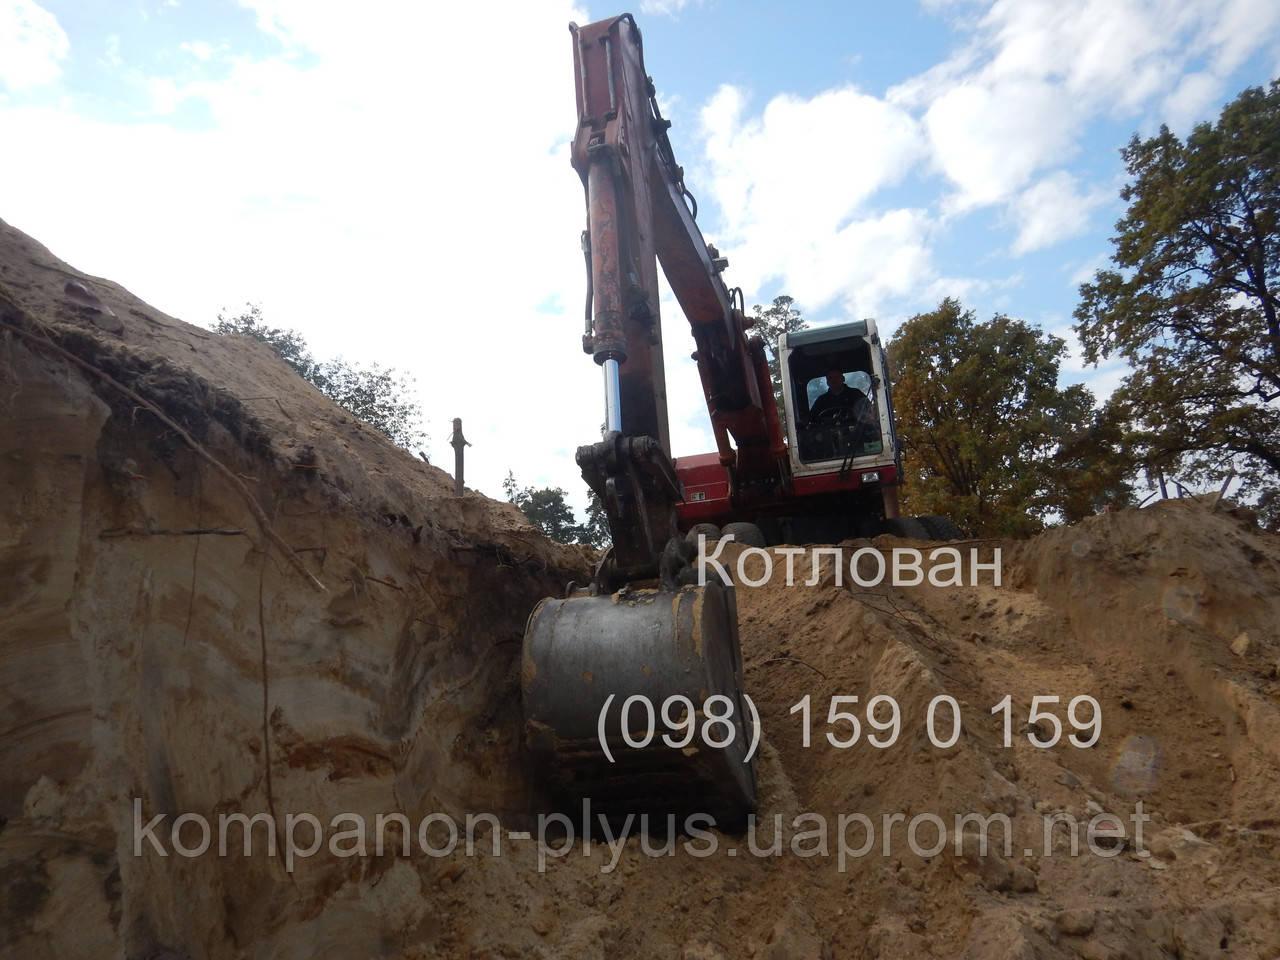 Котлован (098) 159 0 159